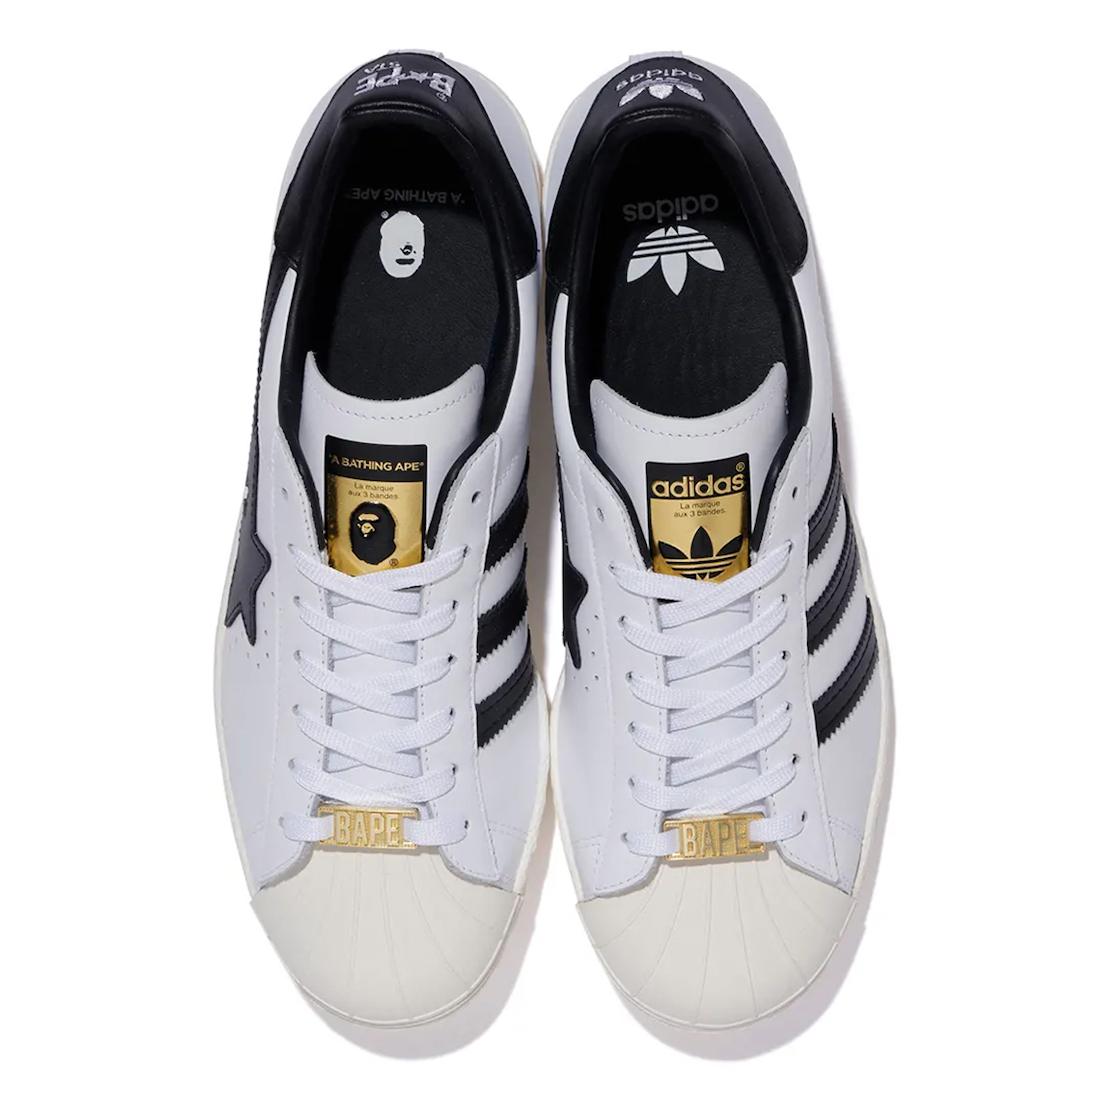 联名, White Black, Superstar, Originals, Black, adidas Superstar, Adidas